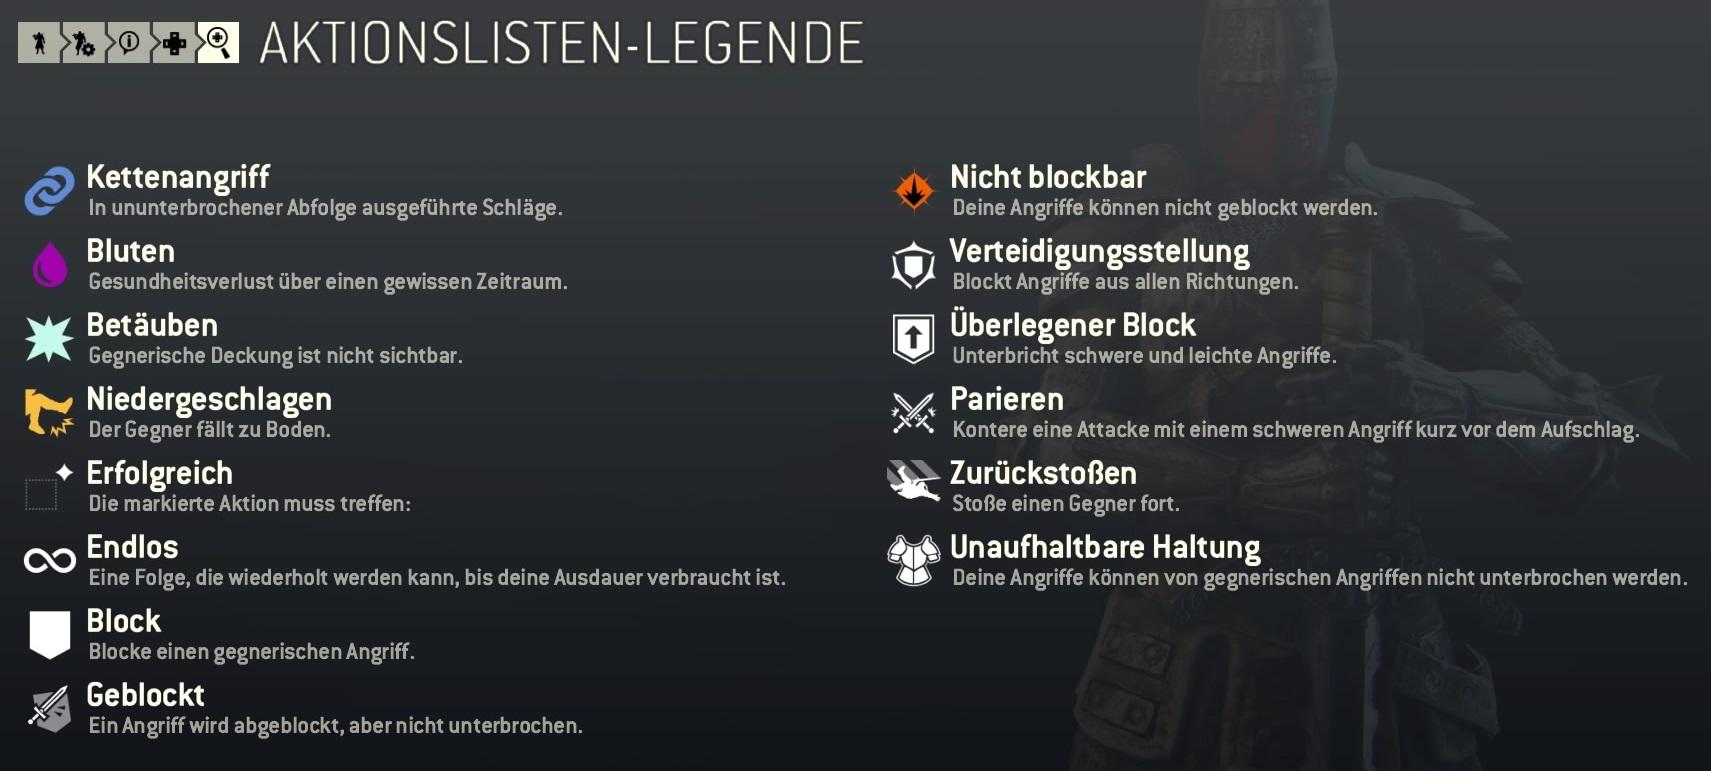 Fantastisch Schaltplansymbol Legende Galerie - Die Besten ...